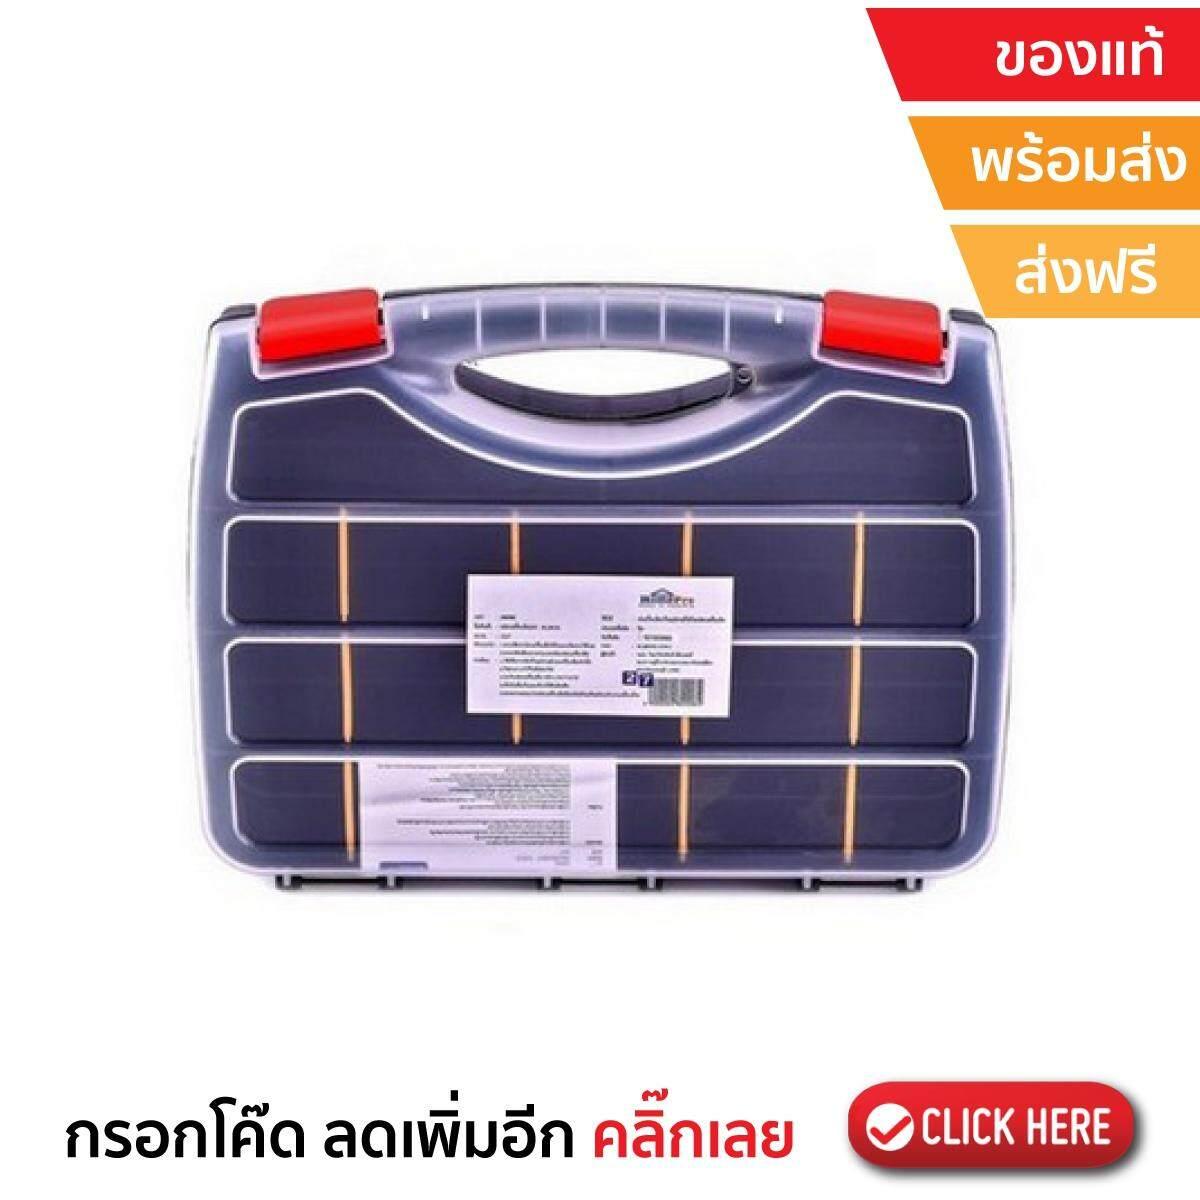 เก็บเงินปลายทางได้ กล่องเครื่องมือช่าง กล่องเก็บเครื่องมือ กล่องใส่เครื่องมือ กล่องเครื่องมือ กล่องเก็บของ กล่องใส่ของ ใช้งานง่าย แข็งแรงใส่ของได้เยอะ TOOL BOX กล่องเครื่องมือ DIY HL30123 ส่ง kerry เก